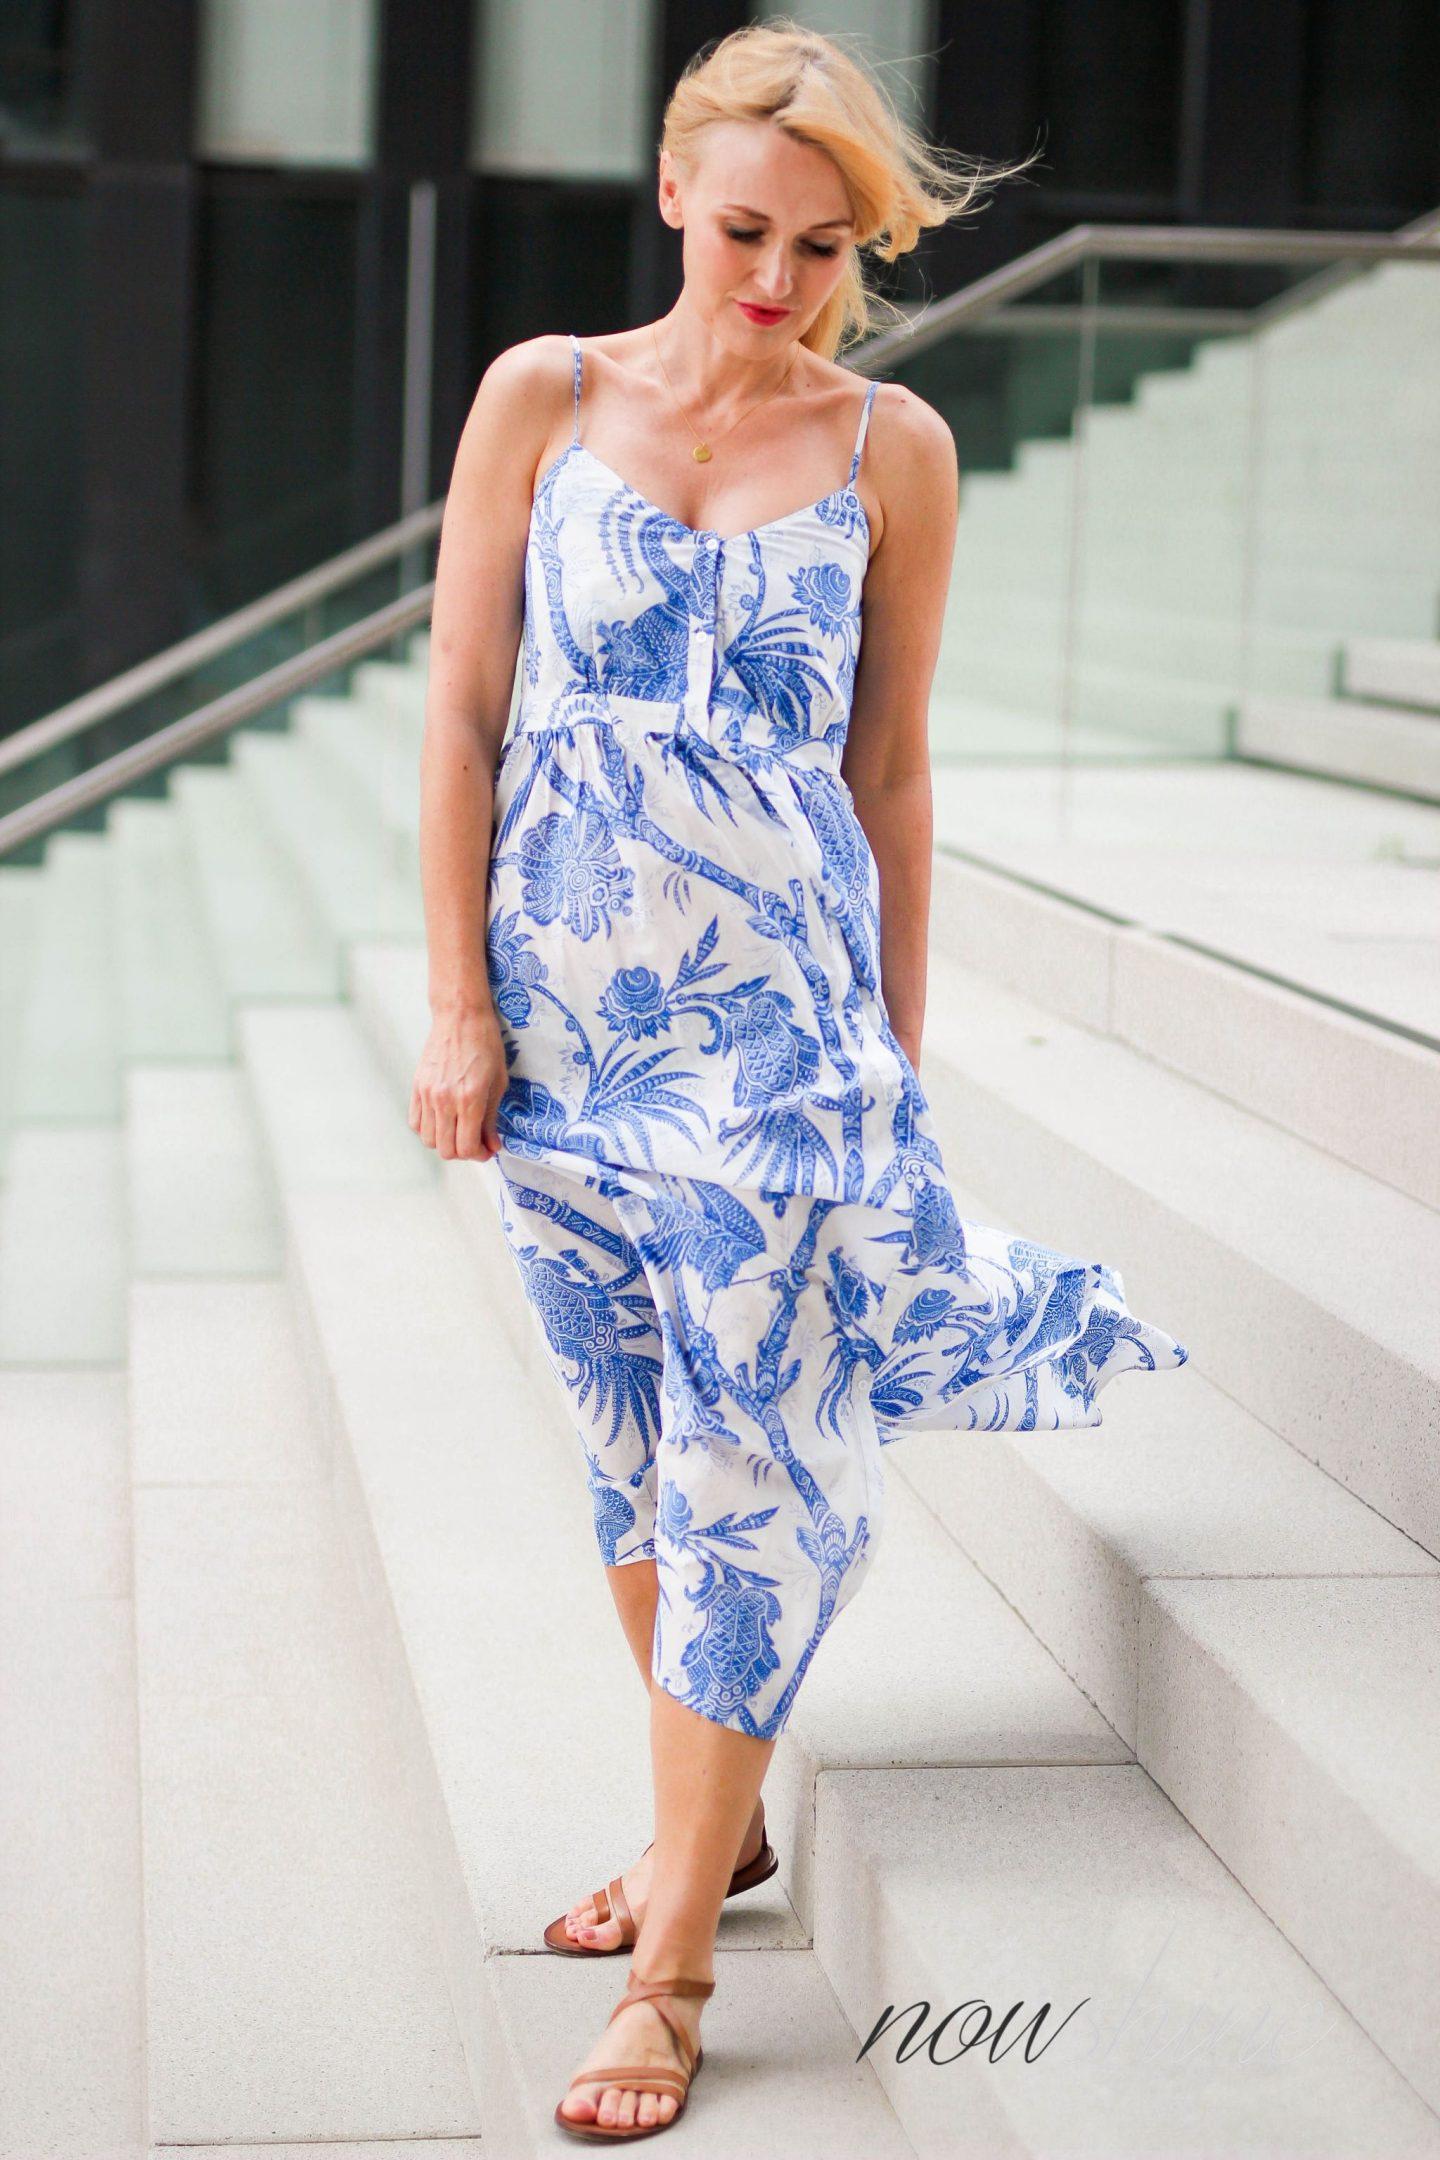 Feminine Maxikleider für den Sommer - Nowshine im Maxikleid von H&M Trend - Modeblog ü40